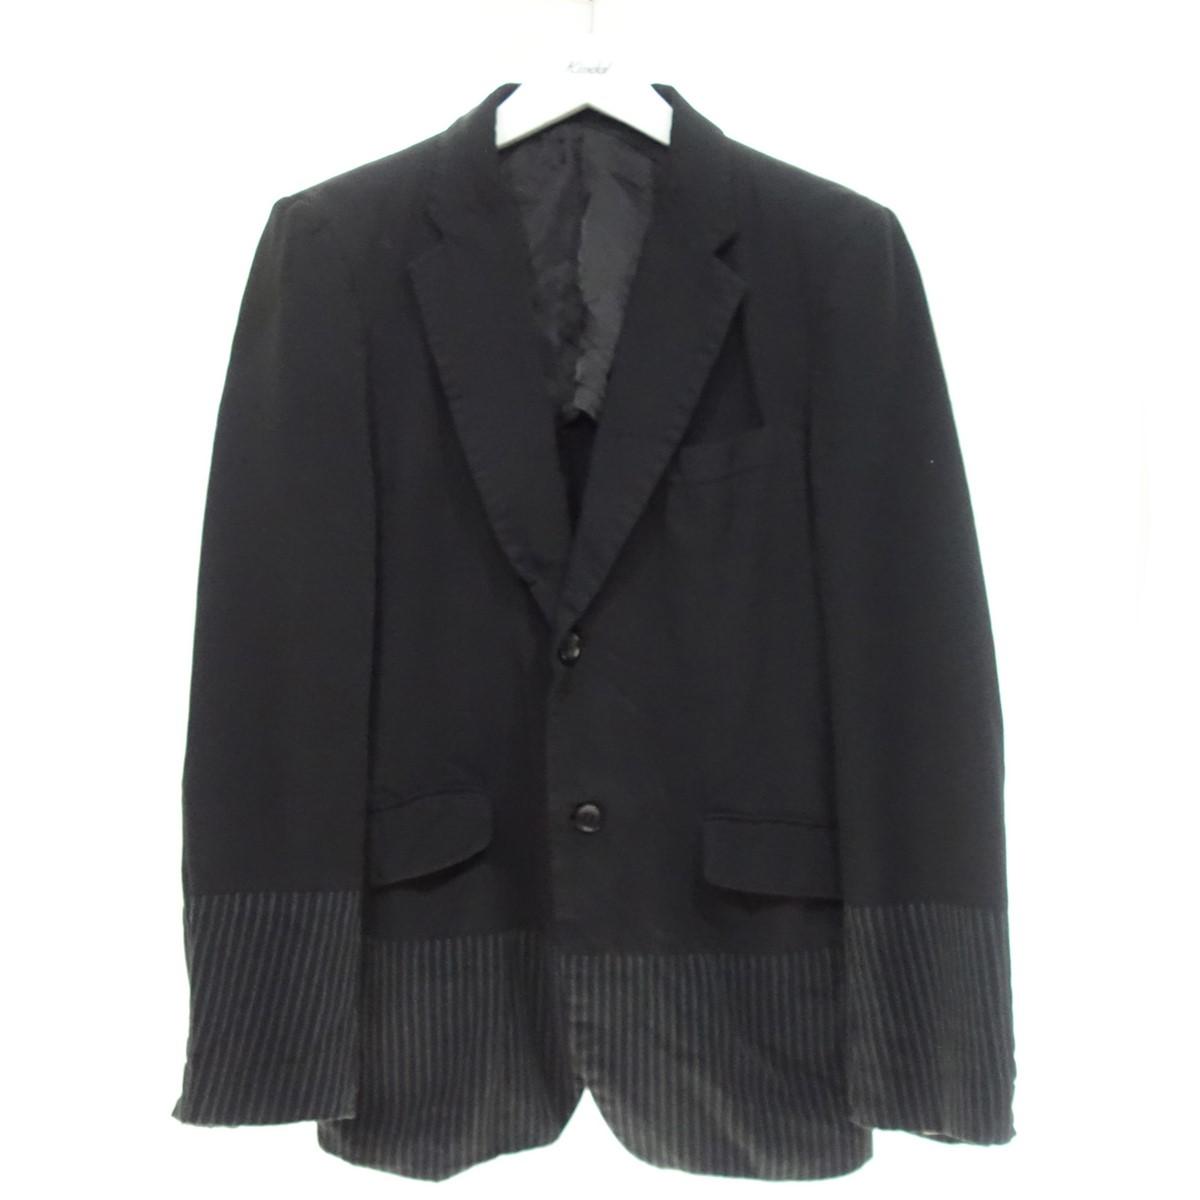 【中古】COMME des GARCONS HOMME 18SS ストライプ切替デザイン2Bテーラードジャケット ブラック サイズ:S 【020920】(コムデギャルソンオム)